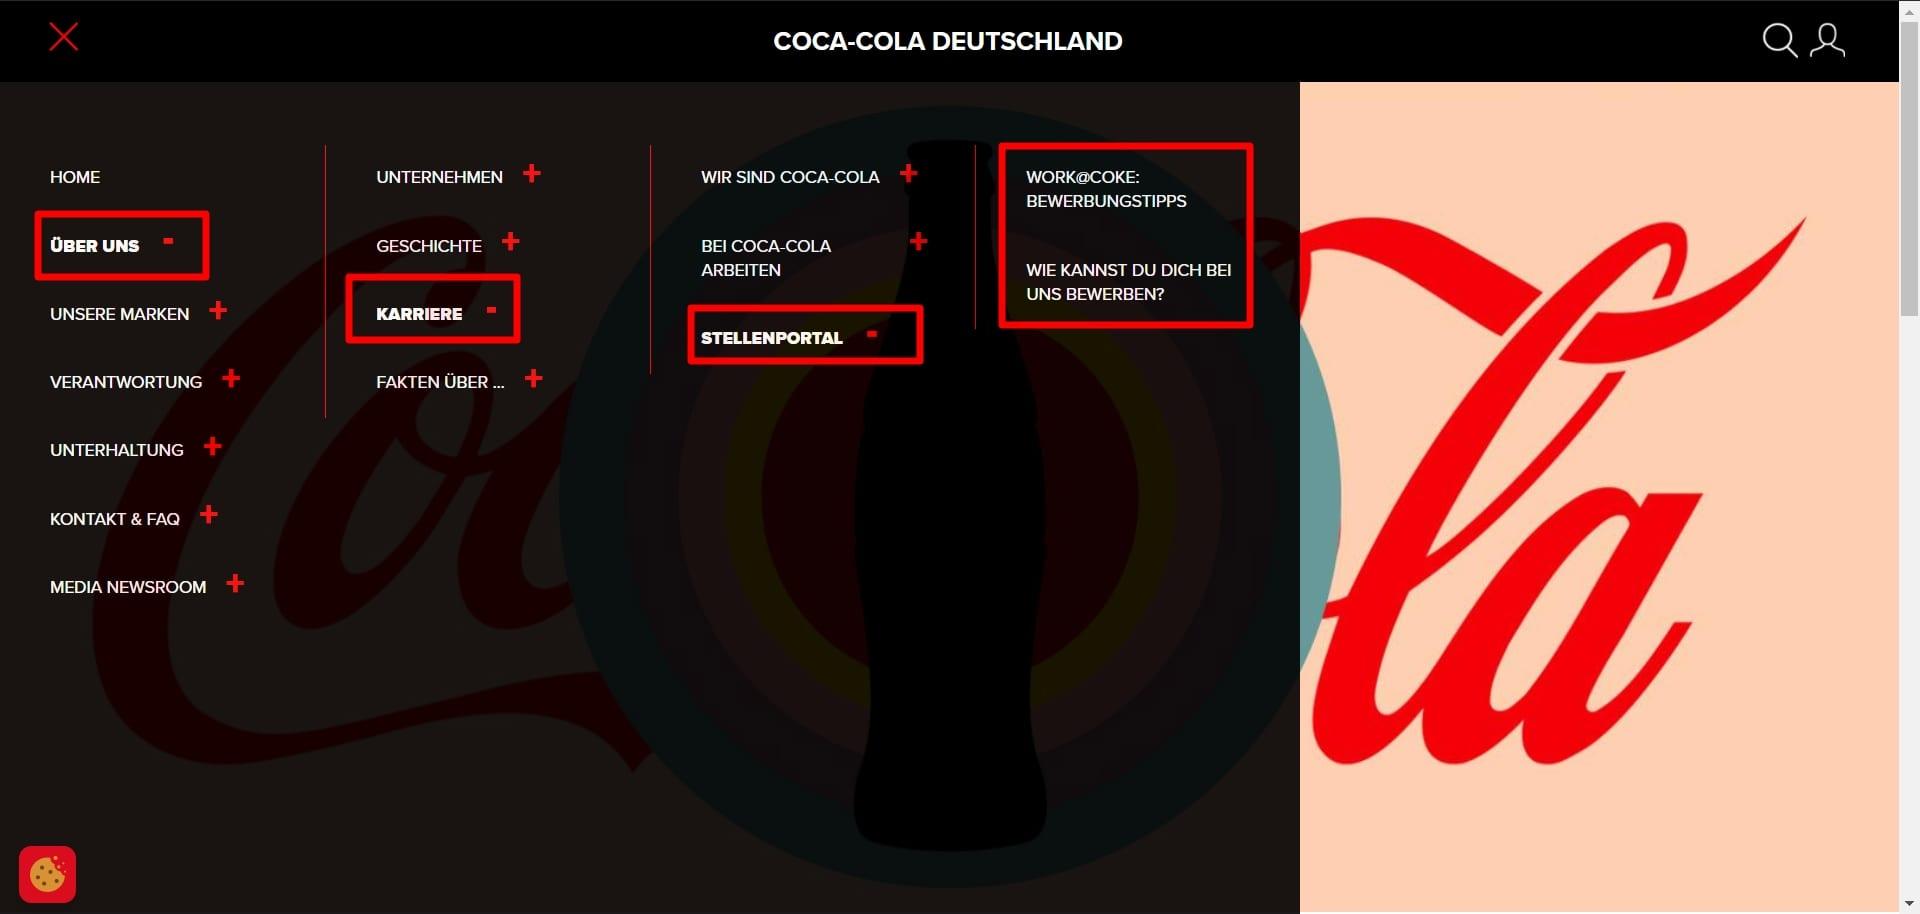 Der steinige Weg zur Bewerbung gleicht bei Coca-Cola einem Spießrutenlauf